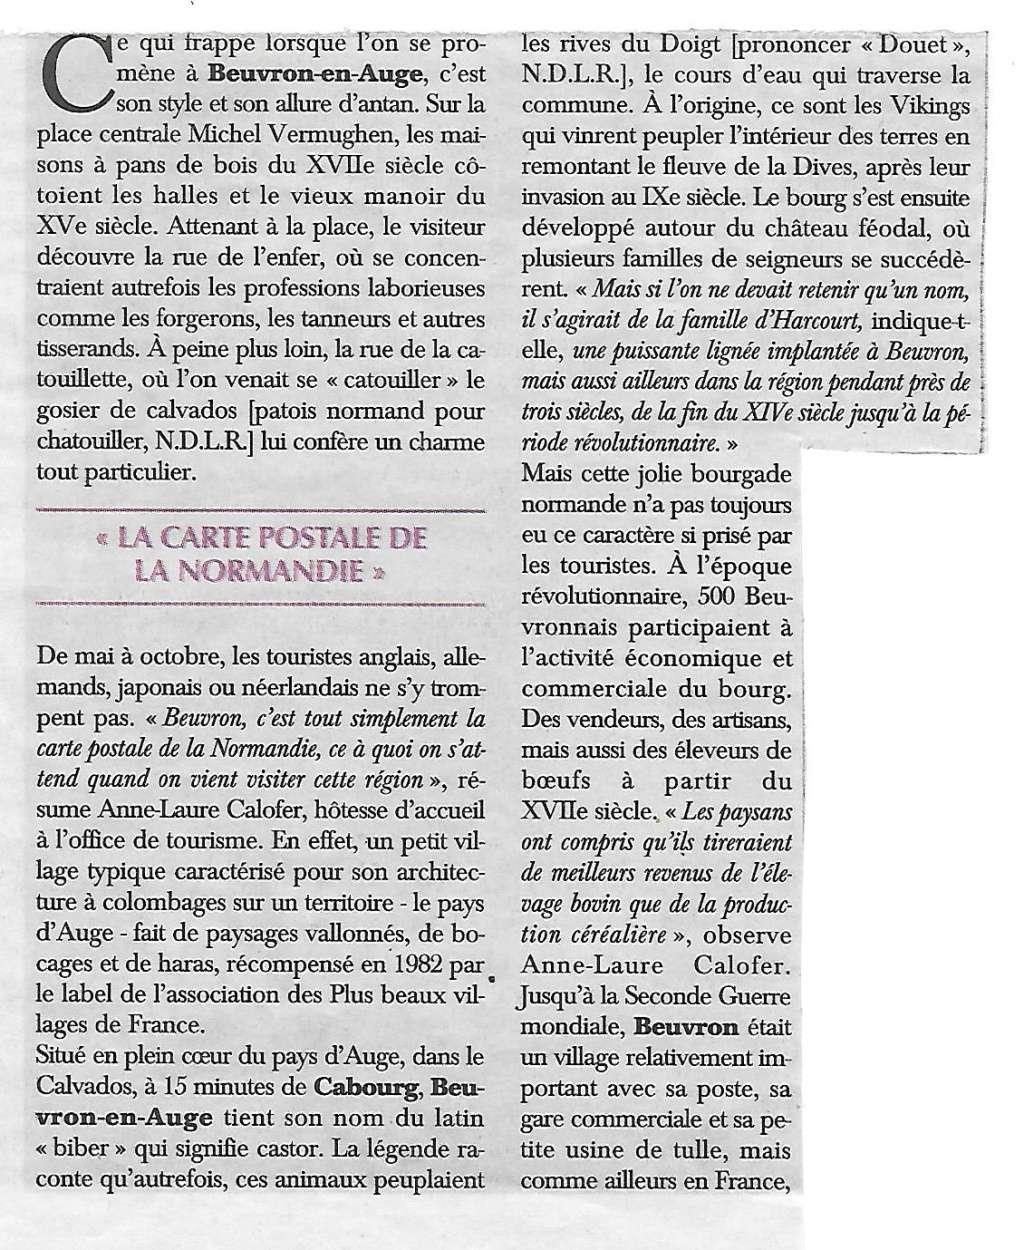 Histoire des communes - Beuvron-en-Auge 411